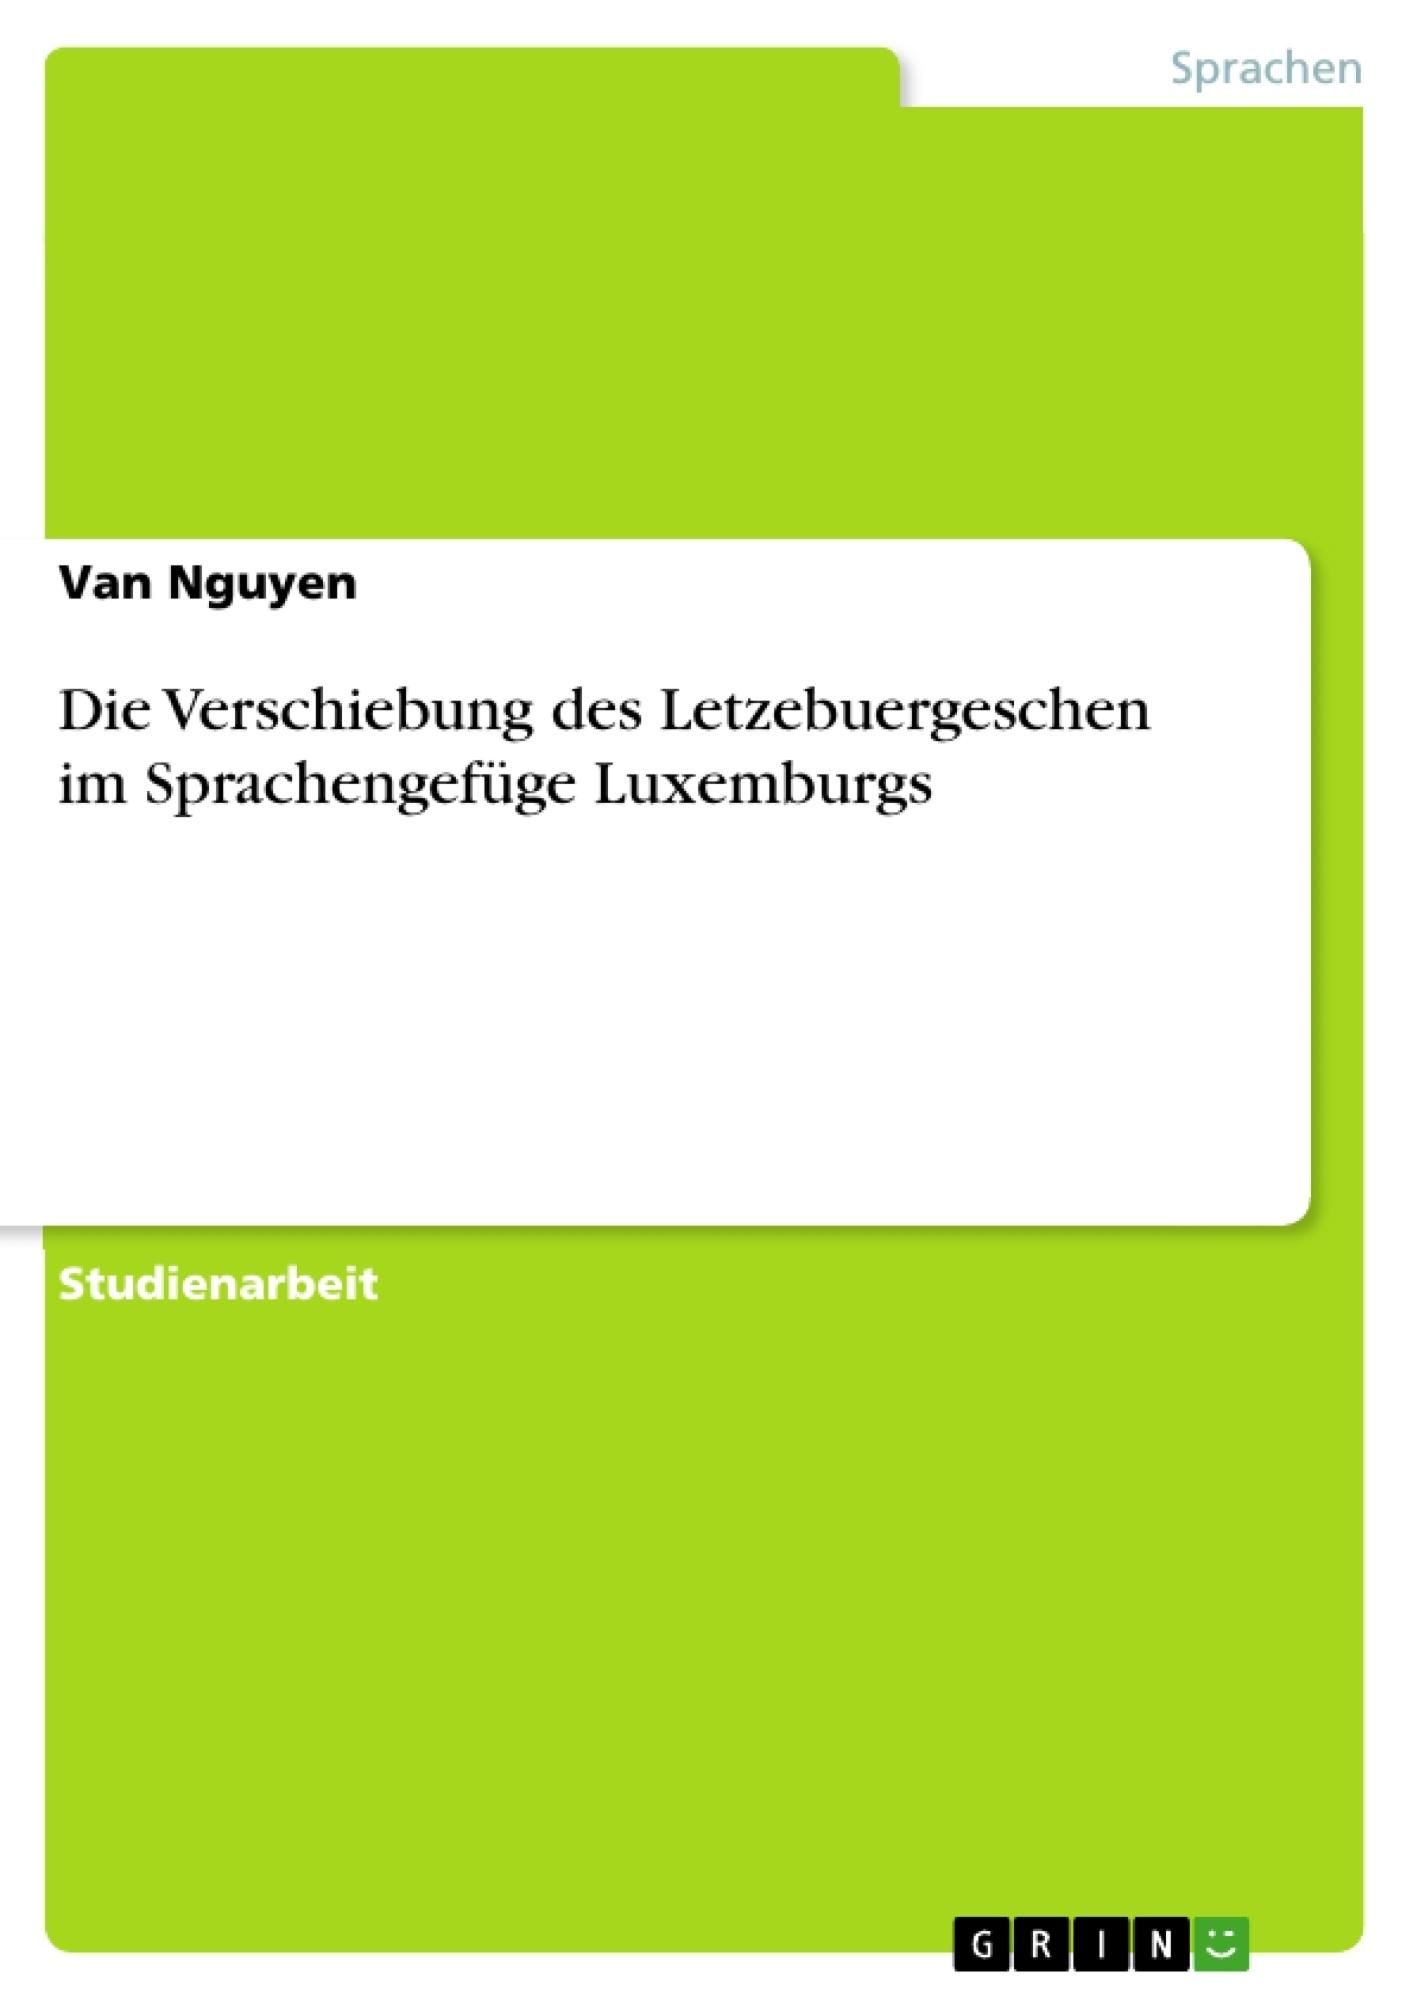 Titel: Die Verschiebung des Letzebuergeschen im Sprachengefüge Luxemburgs